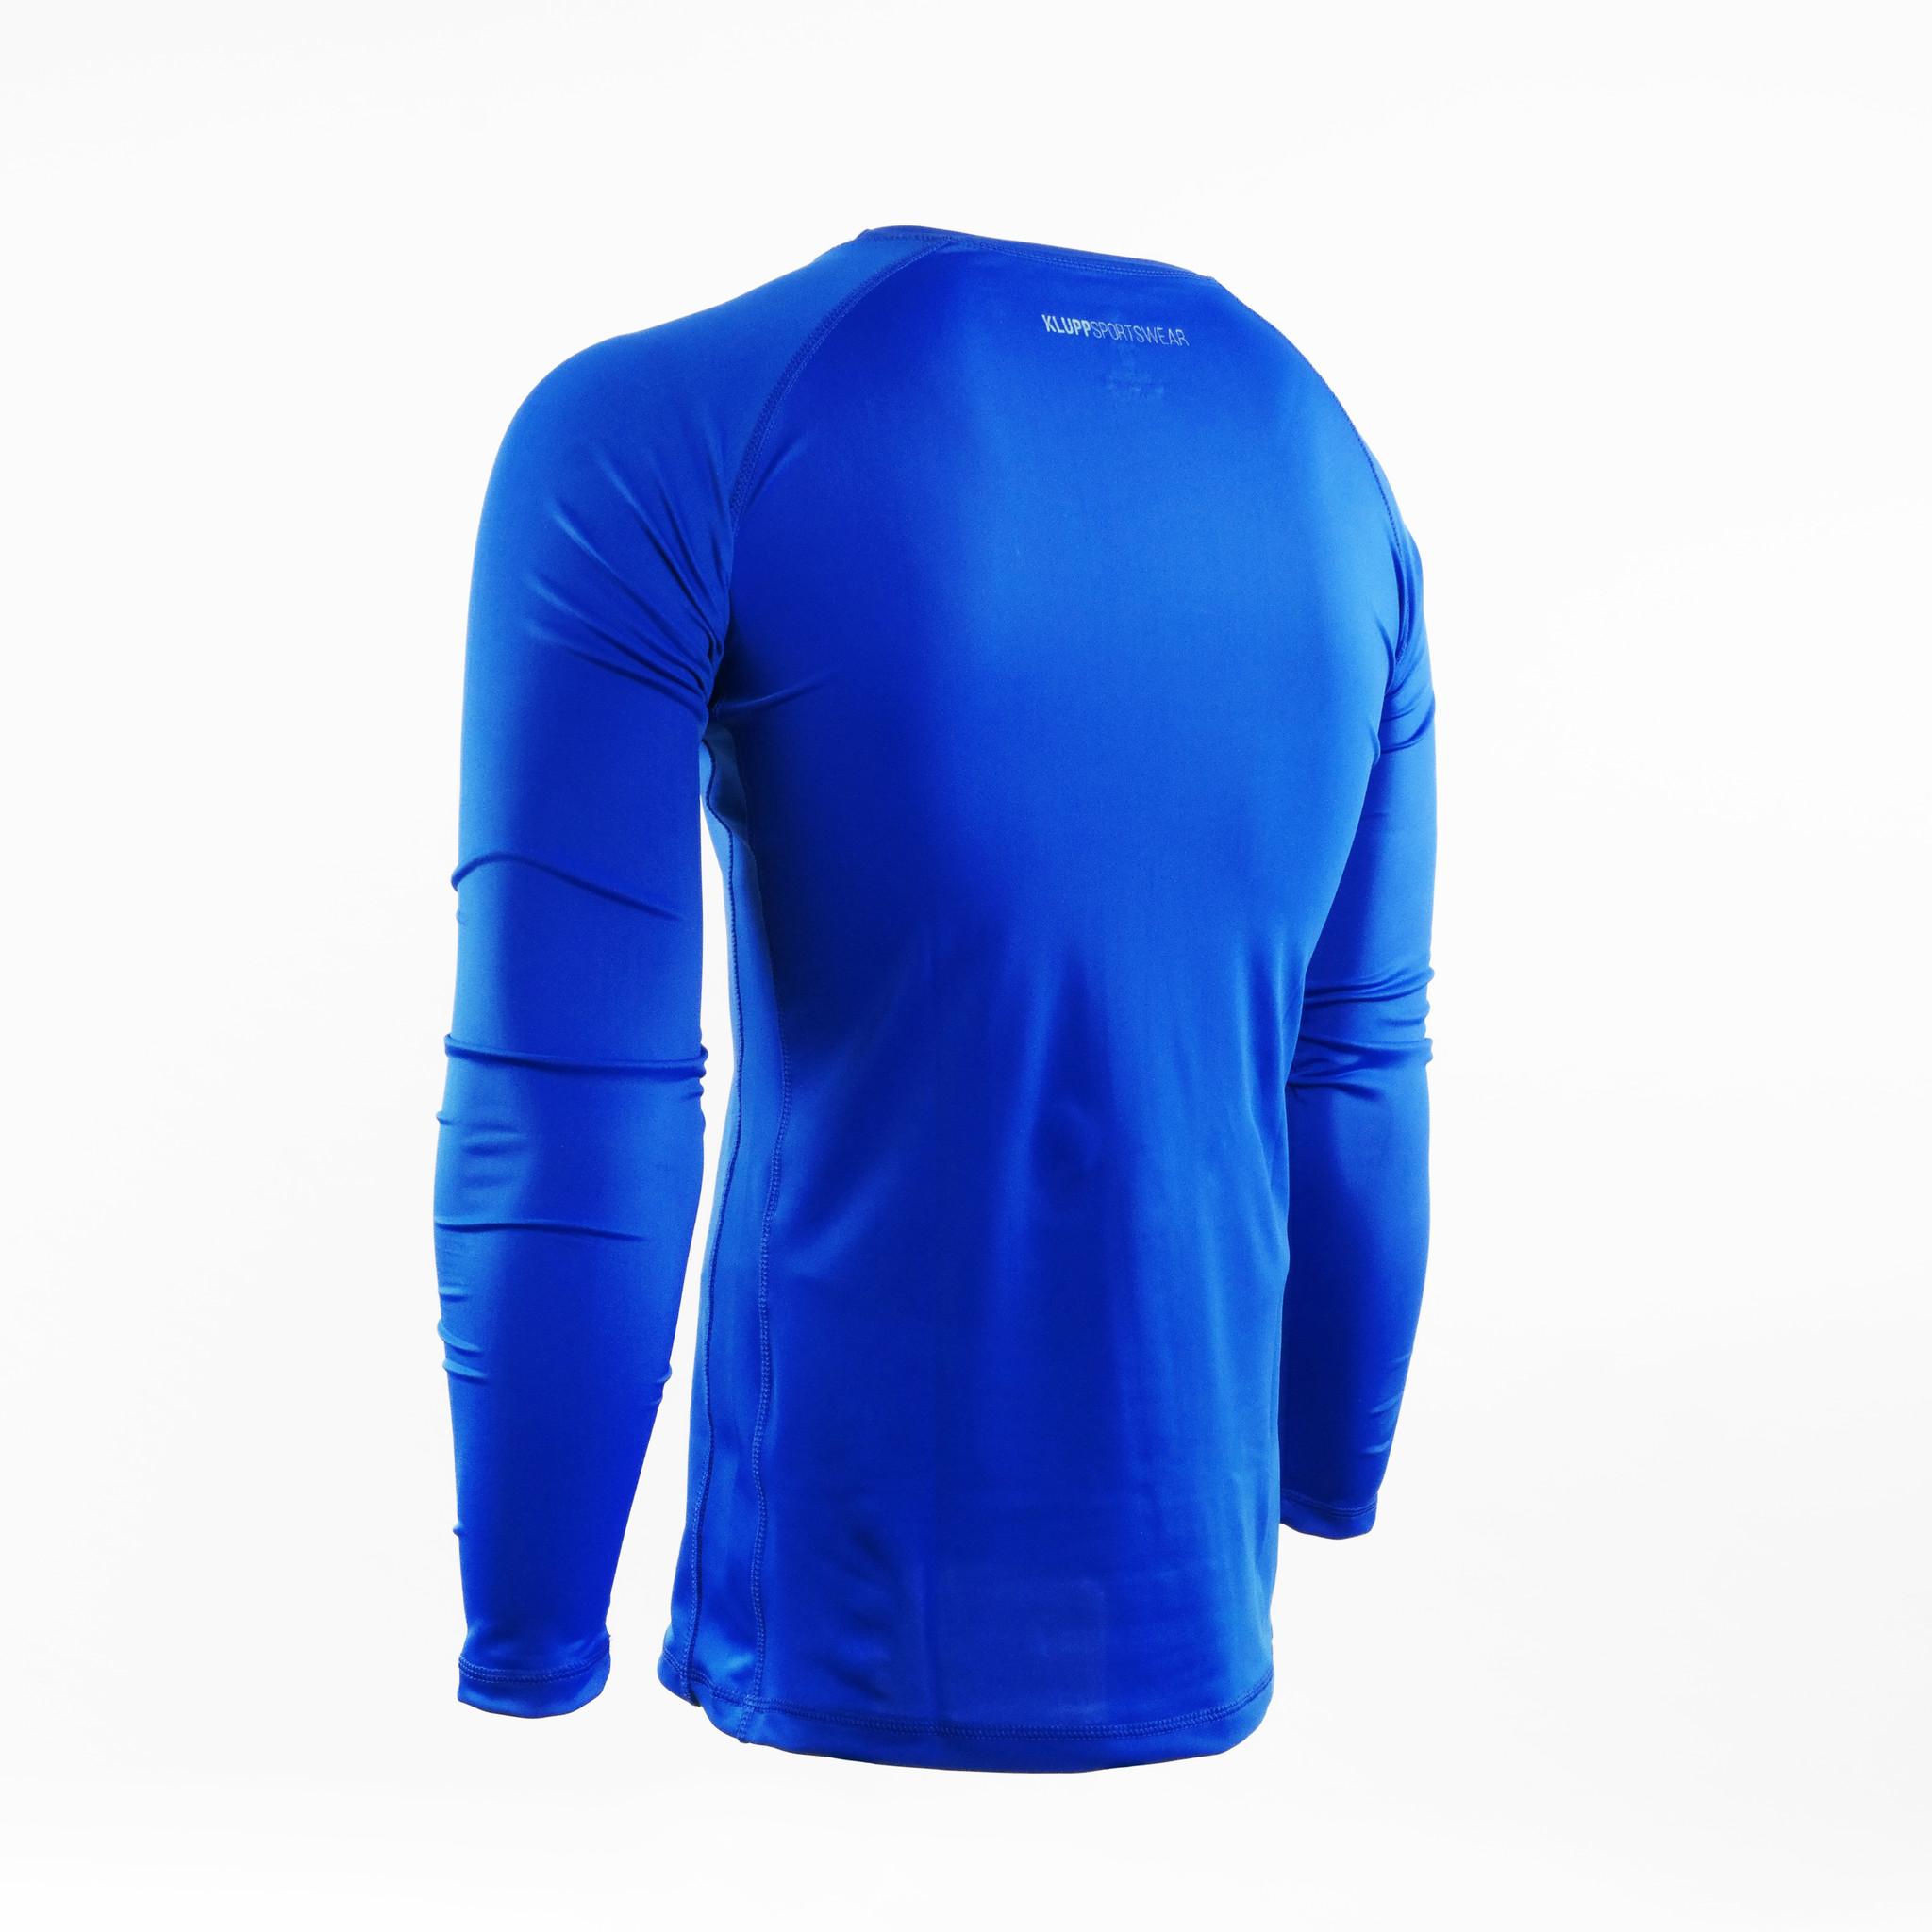 Klupp CAT Thermoshirt, Blauw